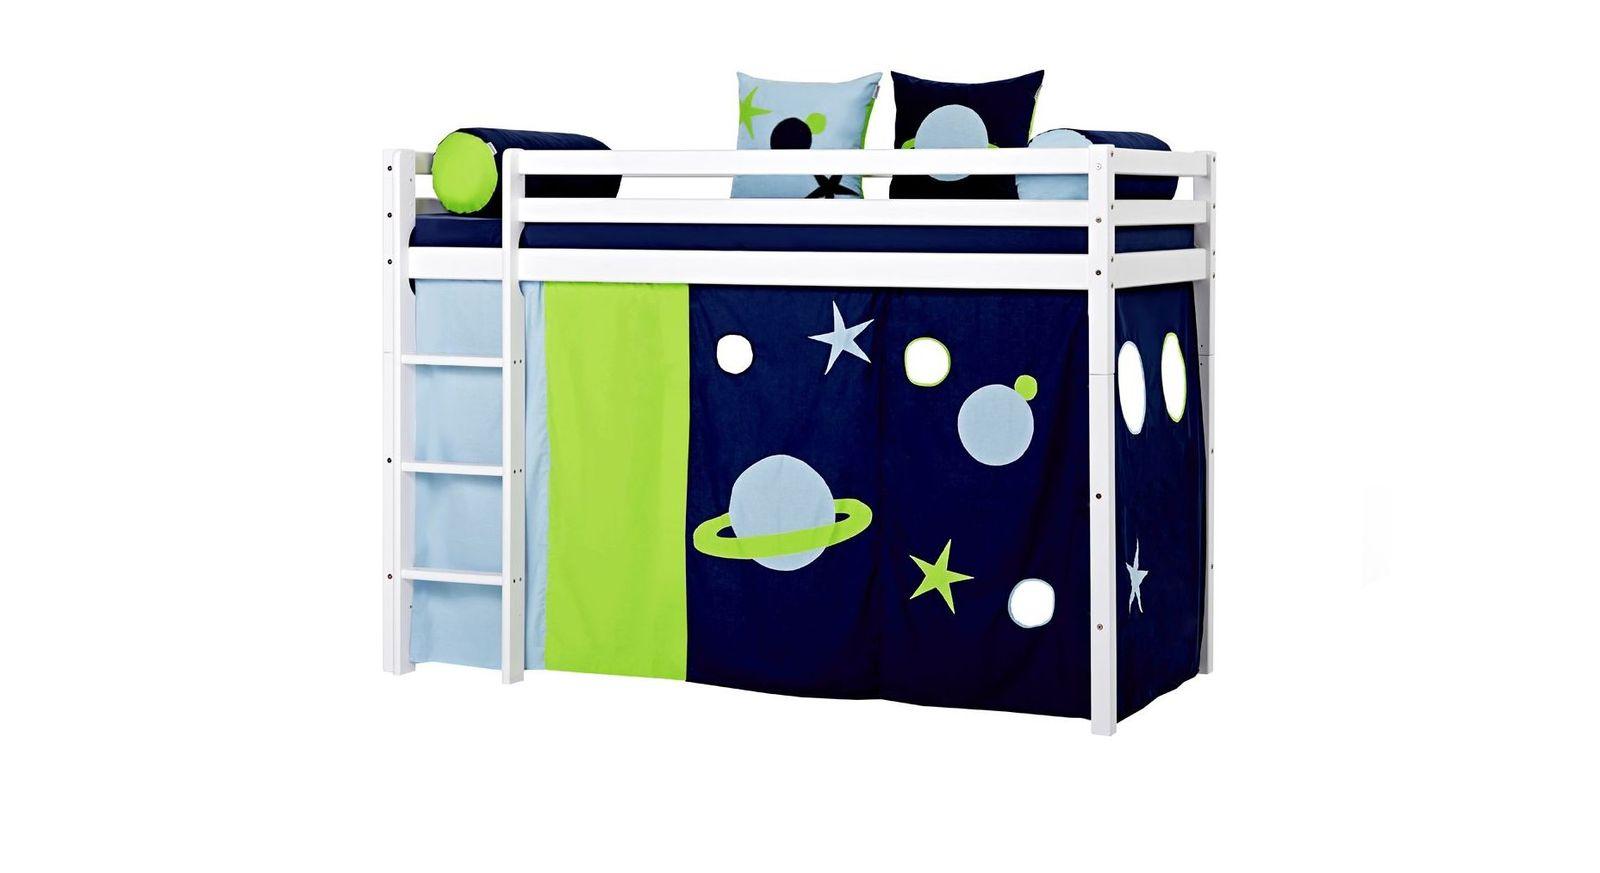 Spielvorhang Kids Heaven im Weltraum Dessin